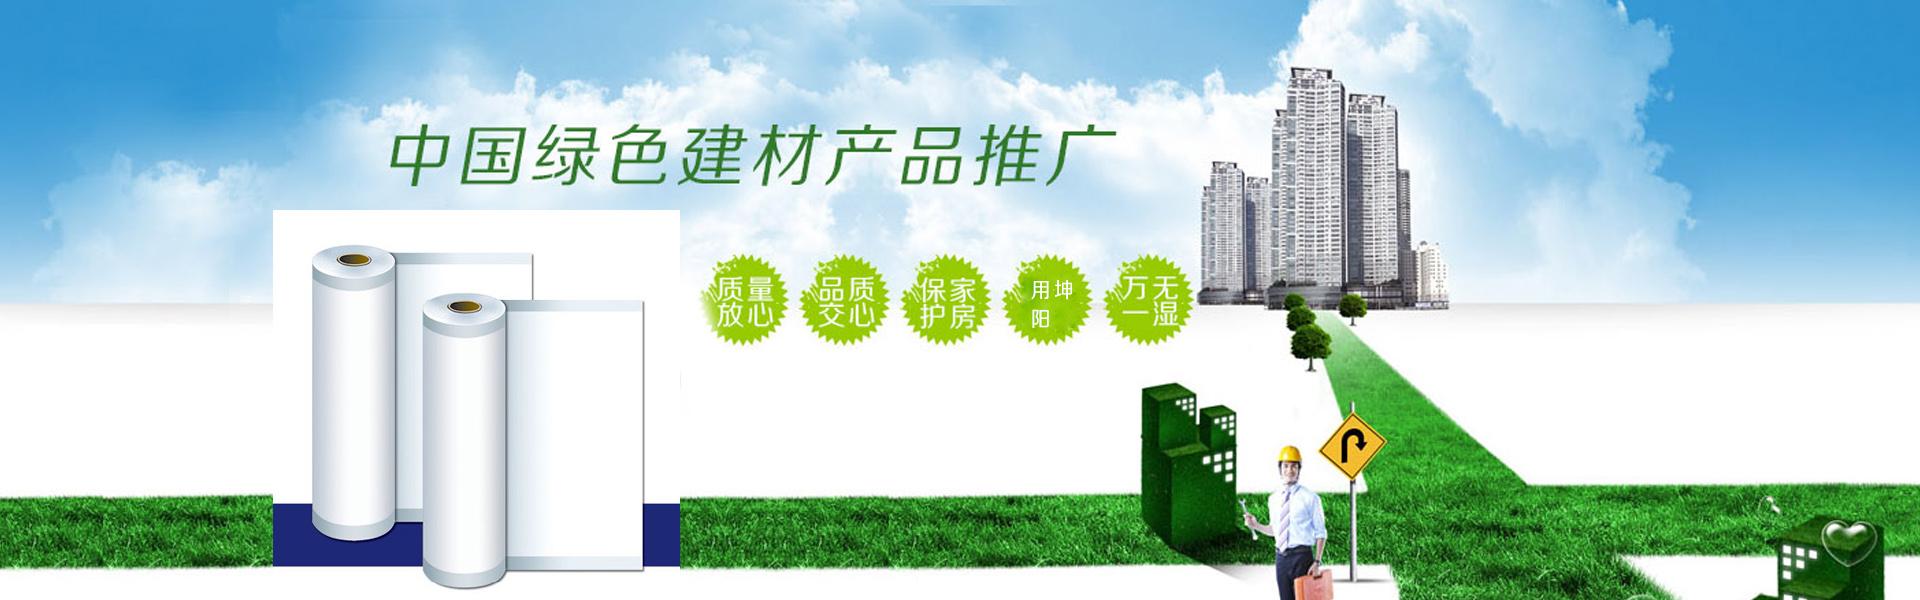 寿光市坤阳防水材料厂